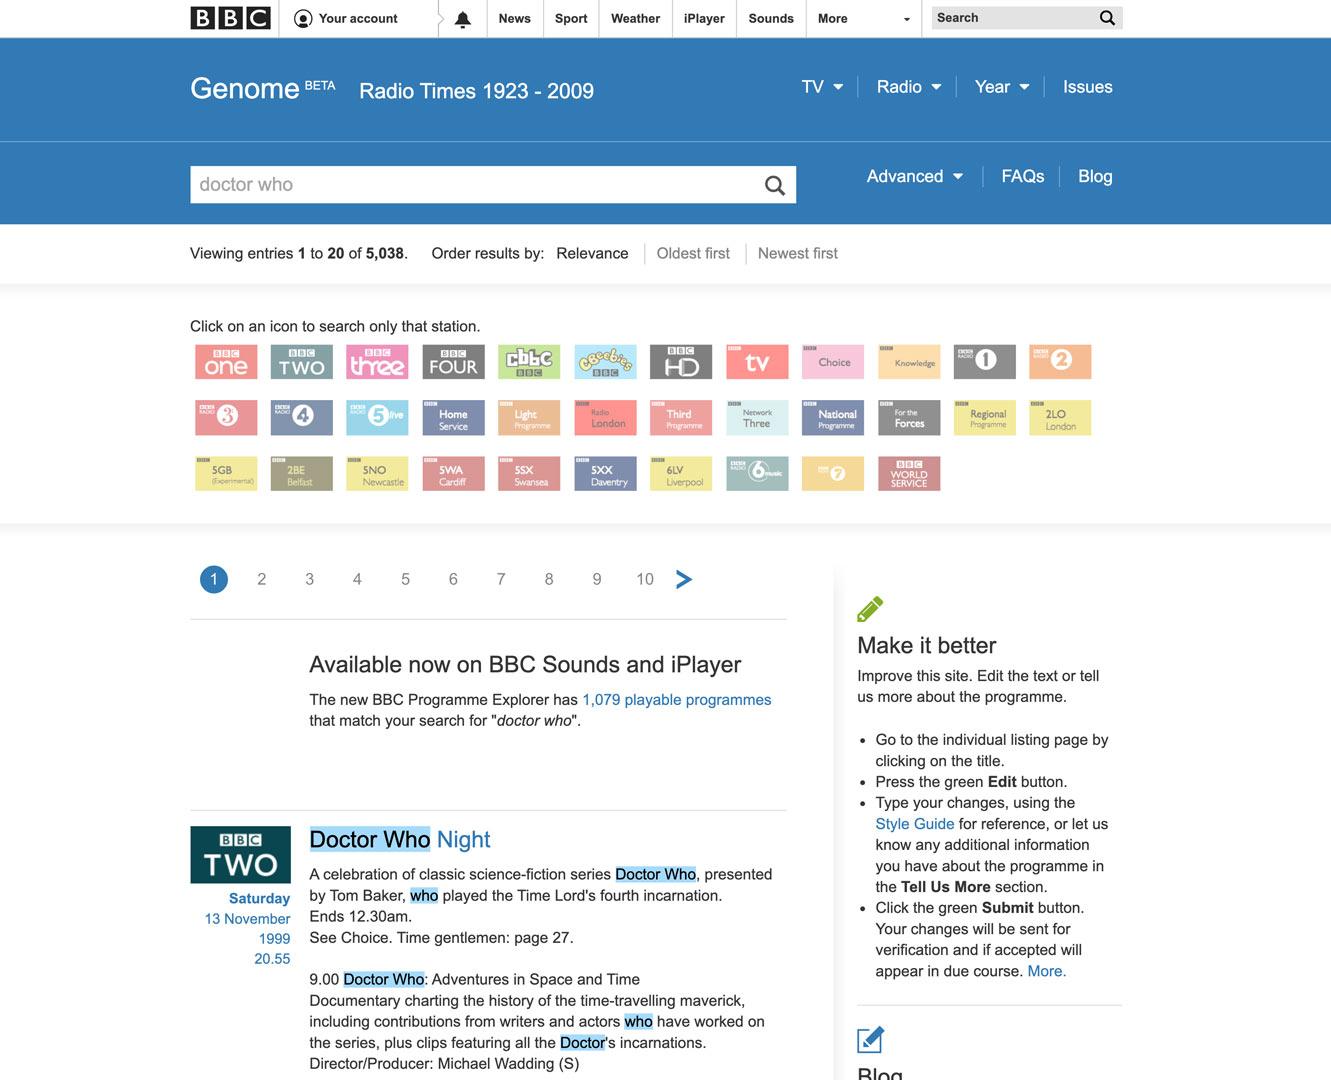 BBC Genome search results screenshot